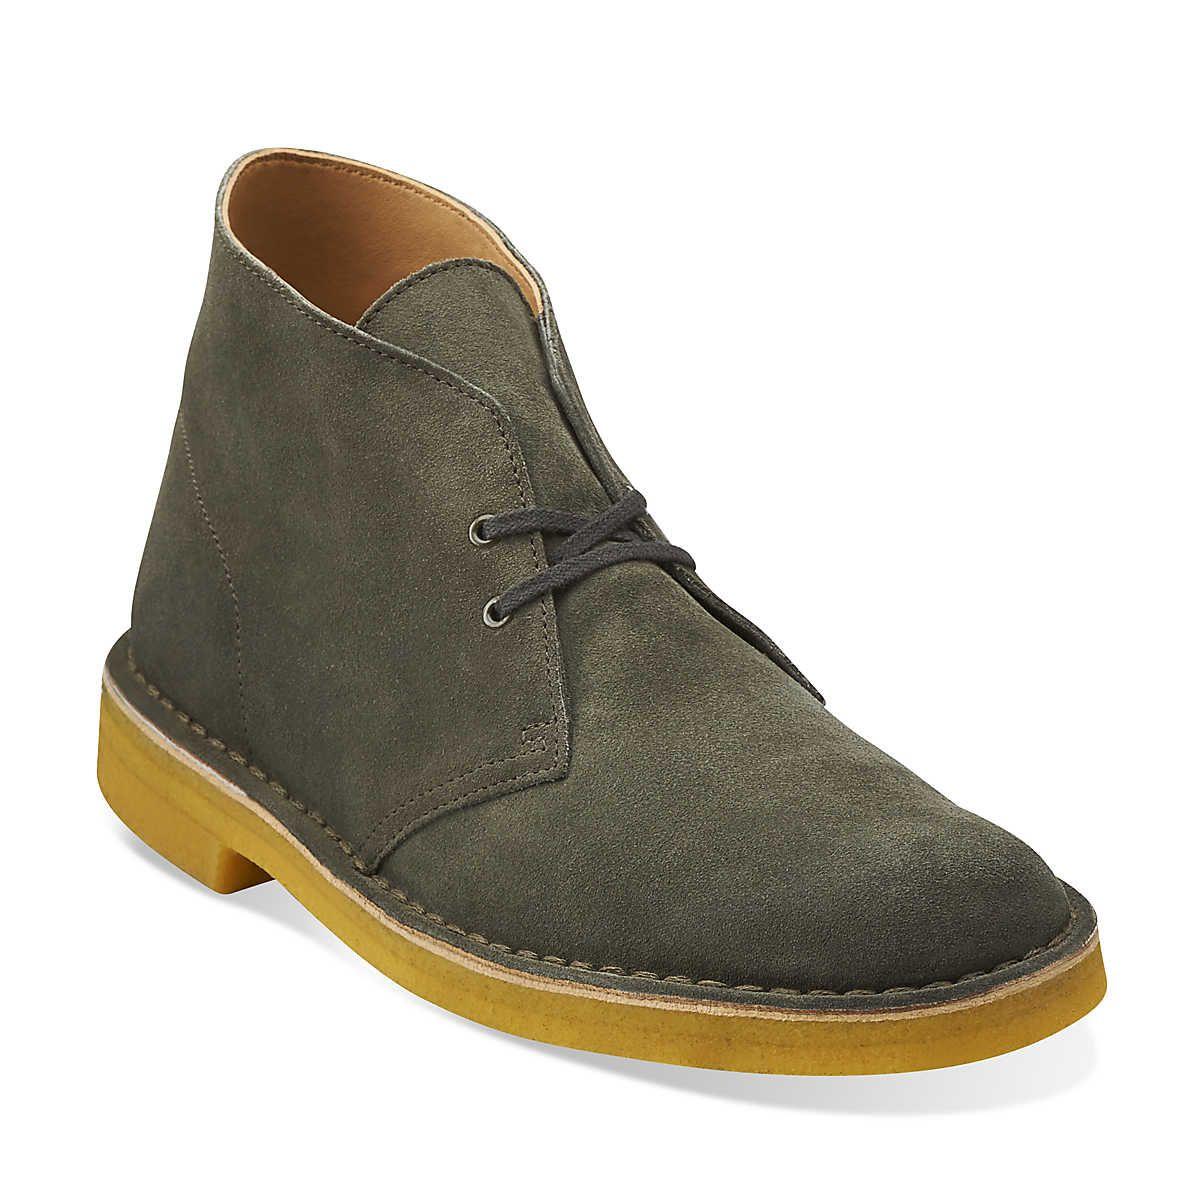 Clarks® Shoes Official Site - Comfortable Shoes, Boots & More. Men's Desert  ...